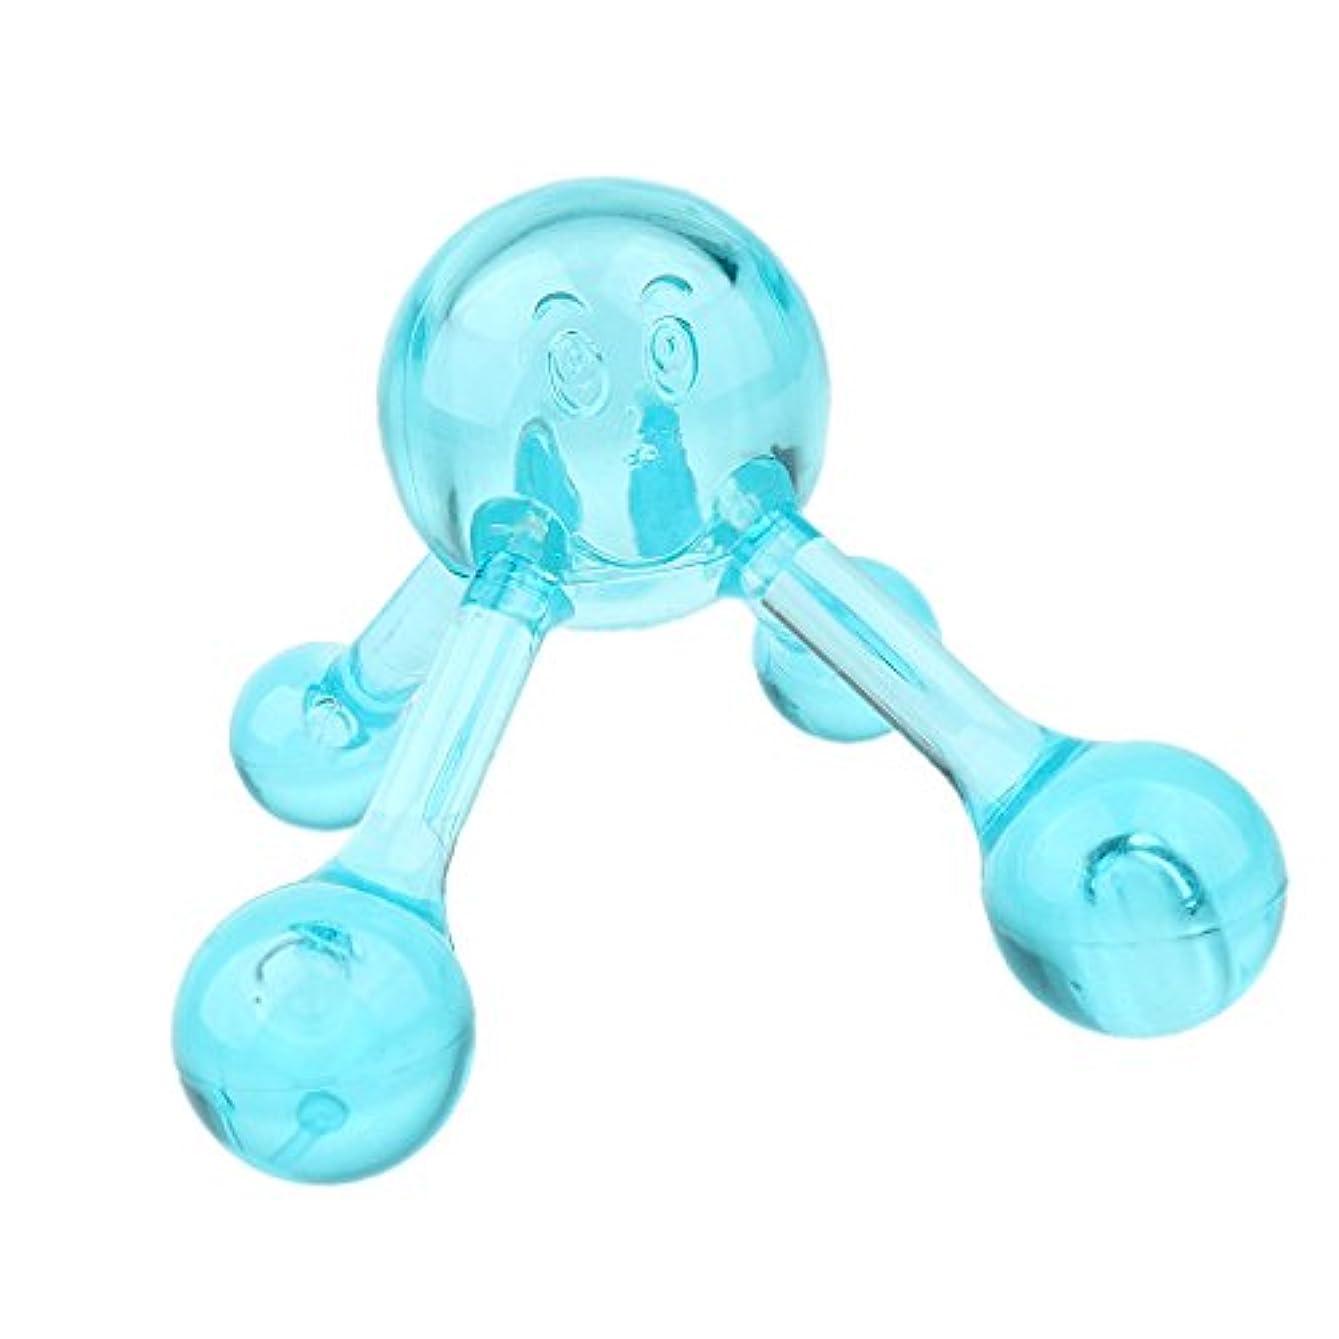 統計寝具年次Baoblaze ネック ショルダー バック マッサージボール マニュアル ローラーマッサージャー プラスチック製